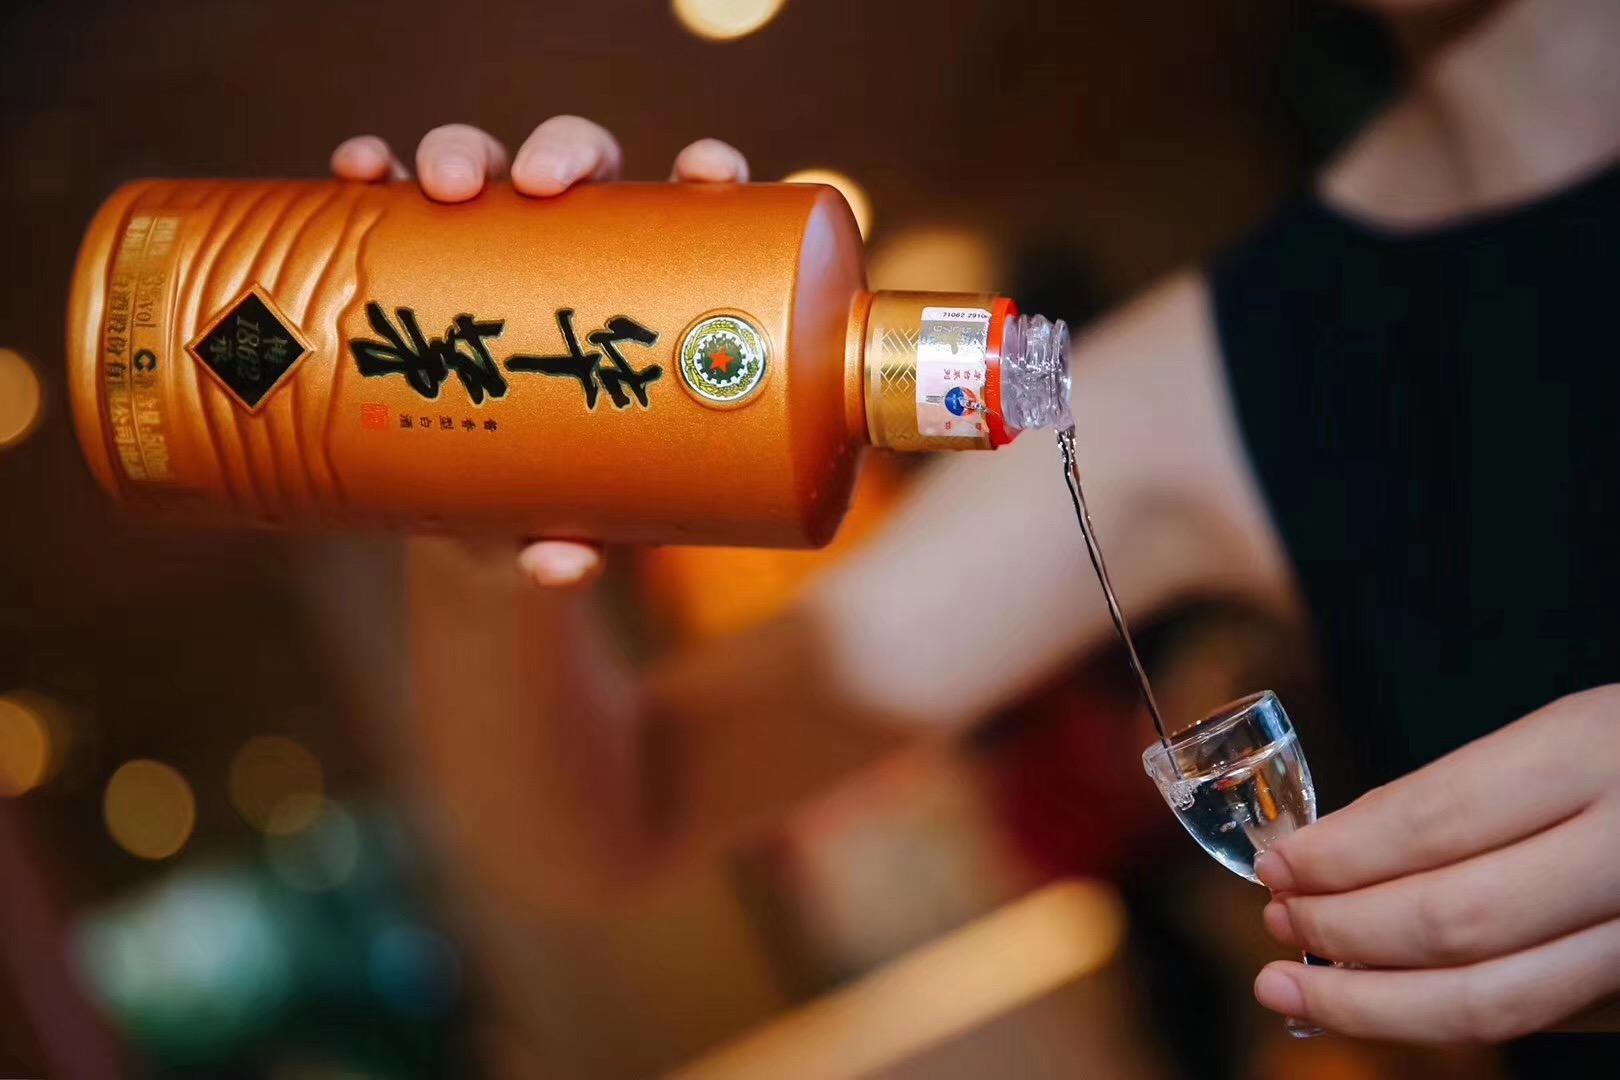 喝华茅酒该使用什么样的酒杯?